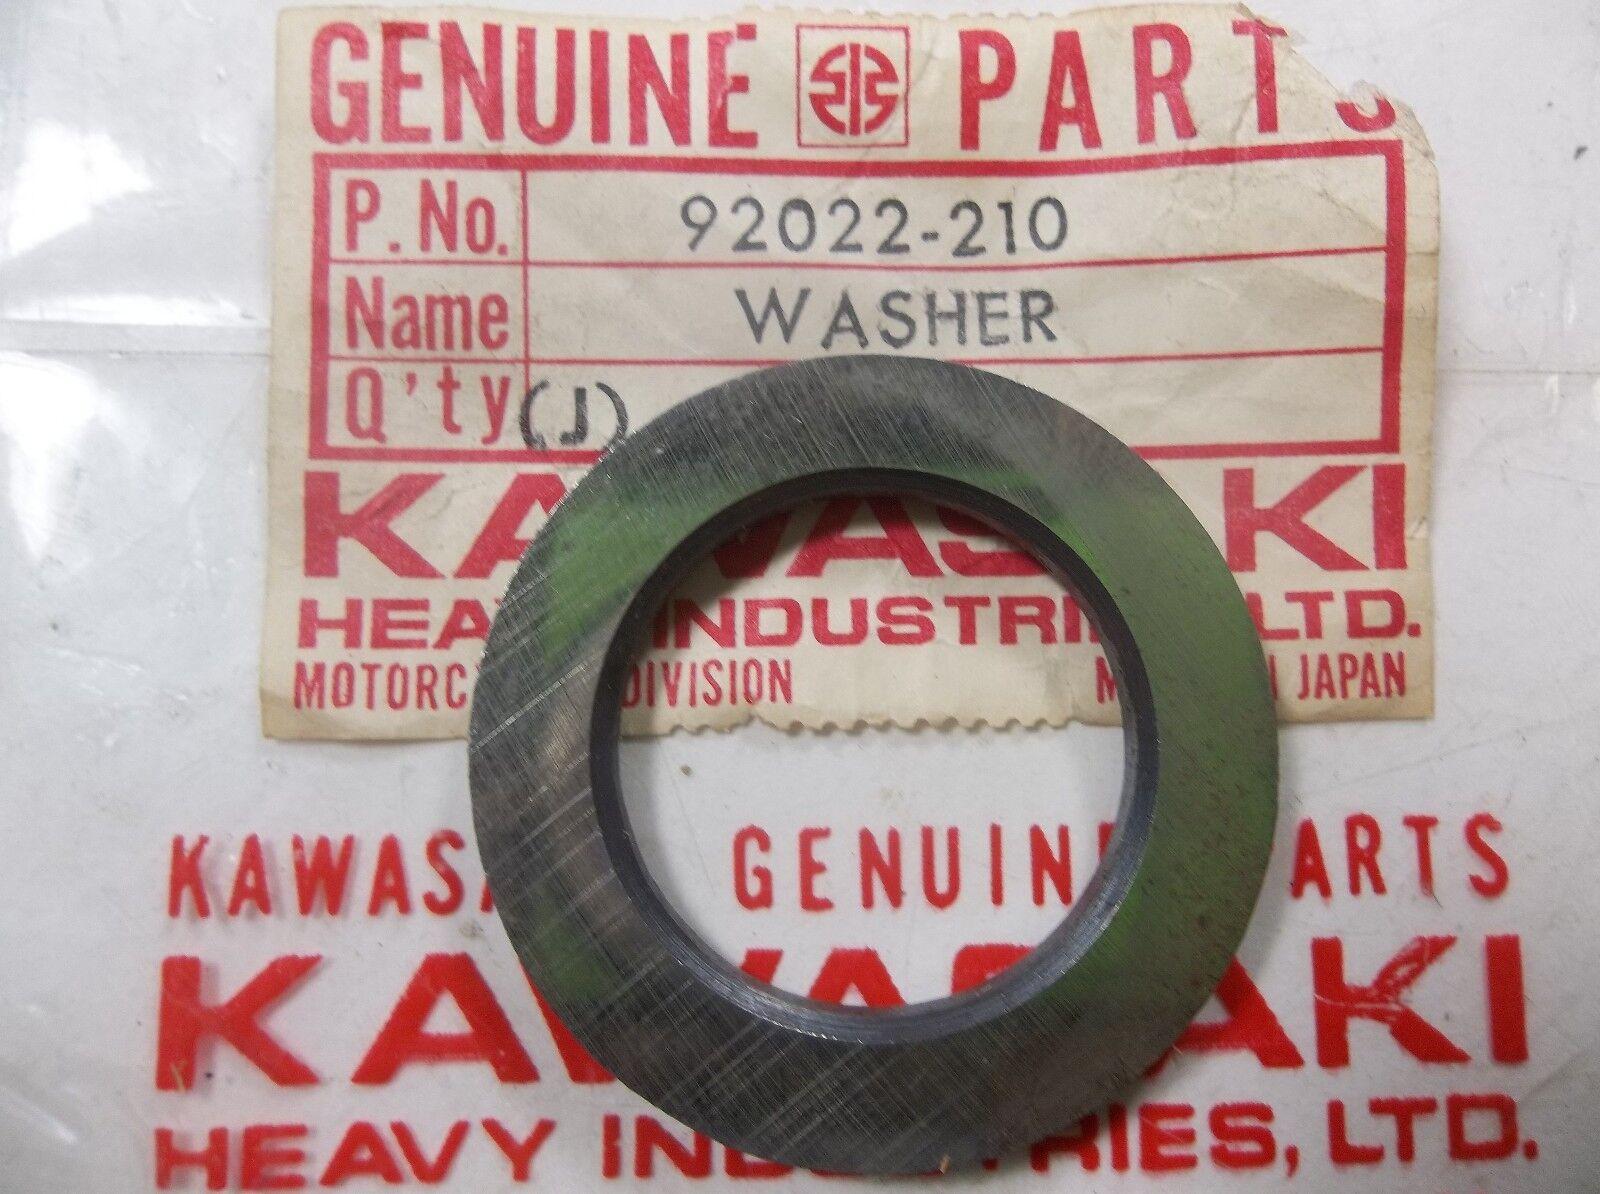 Kawasaki Z1 KZ900 KZ1000 Plain Washer 92022-210 NOS